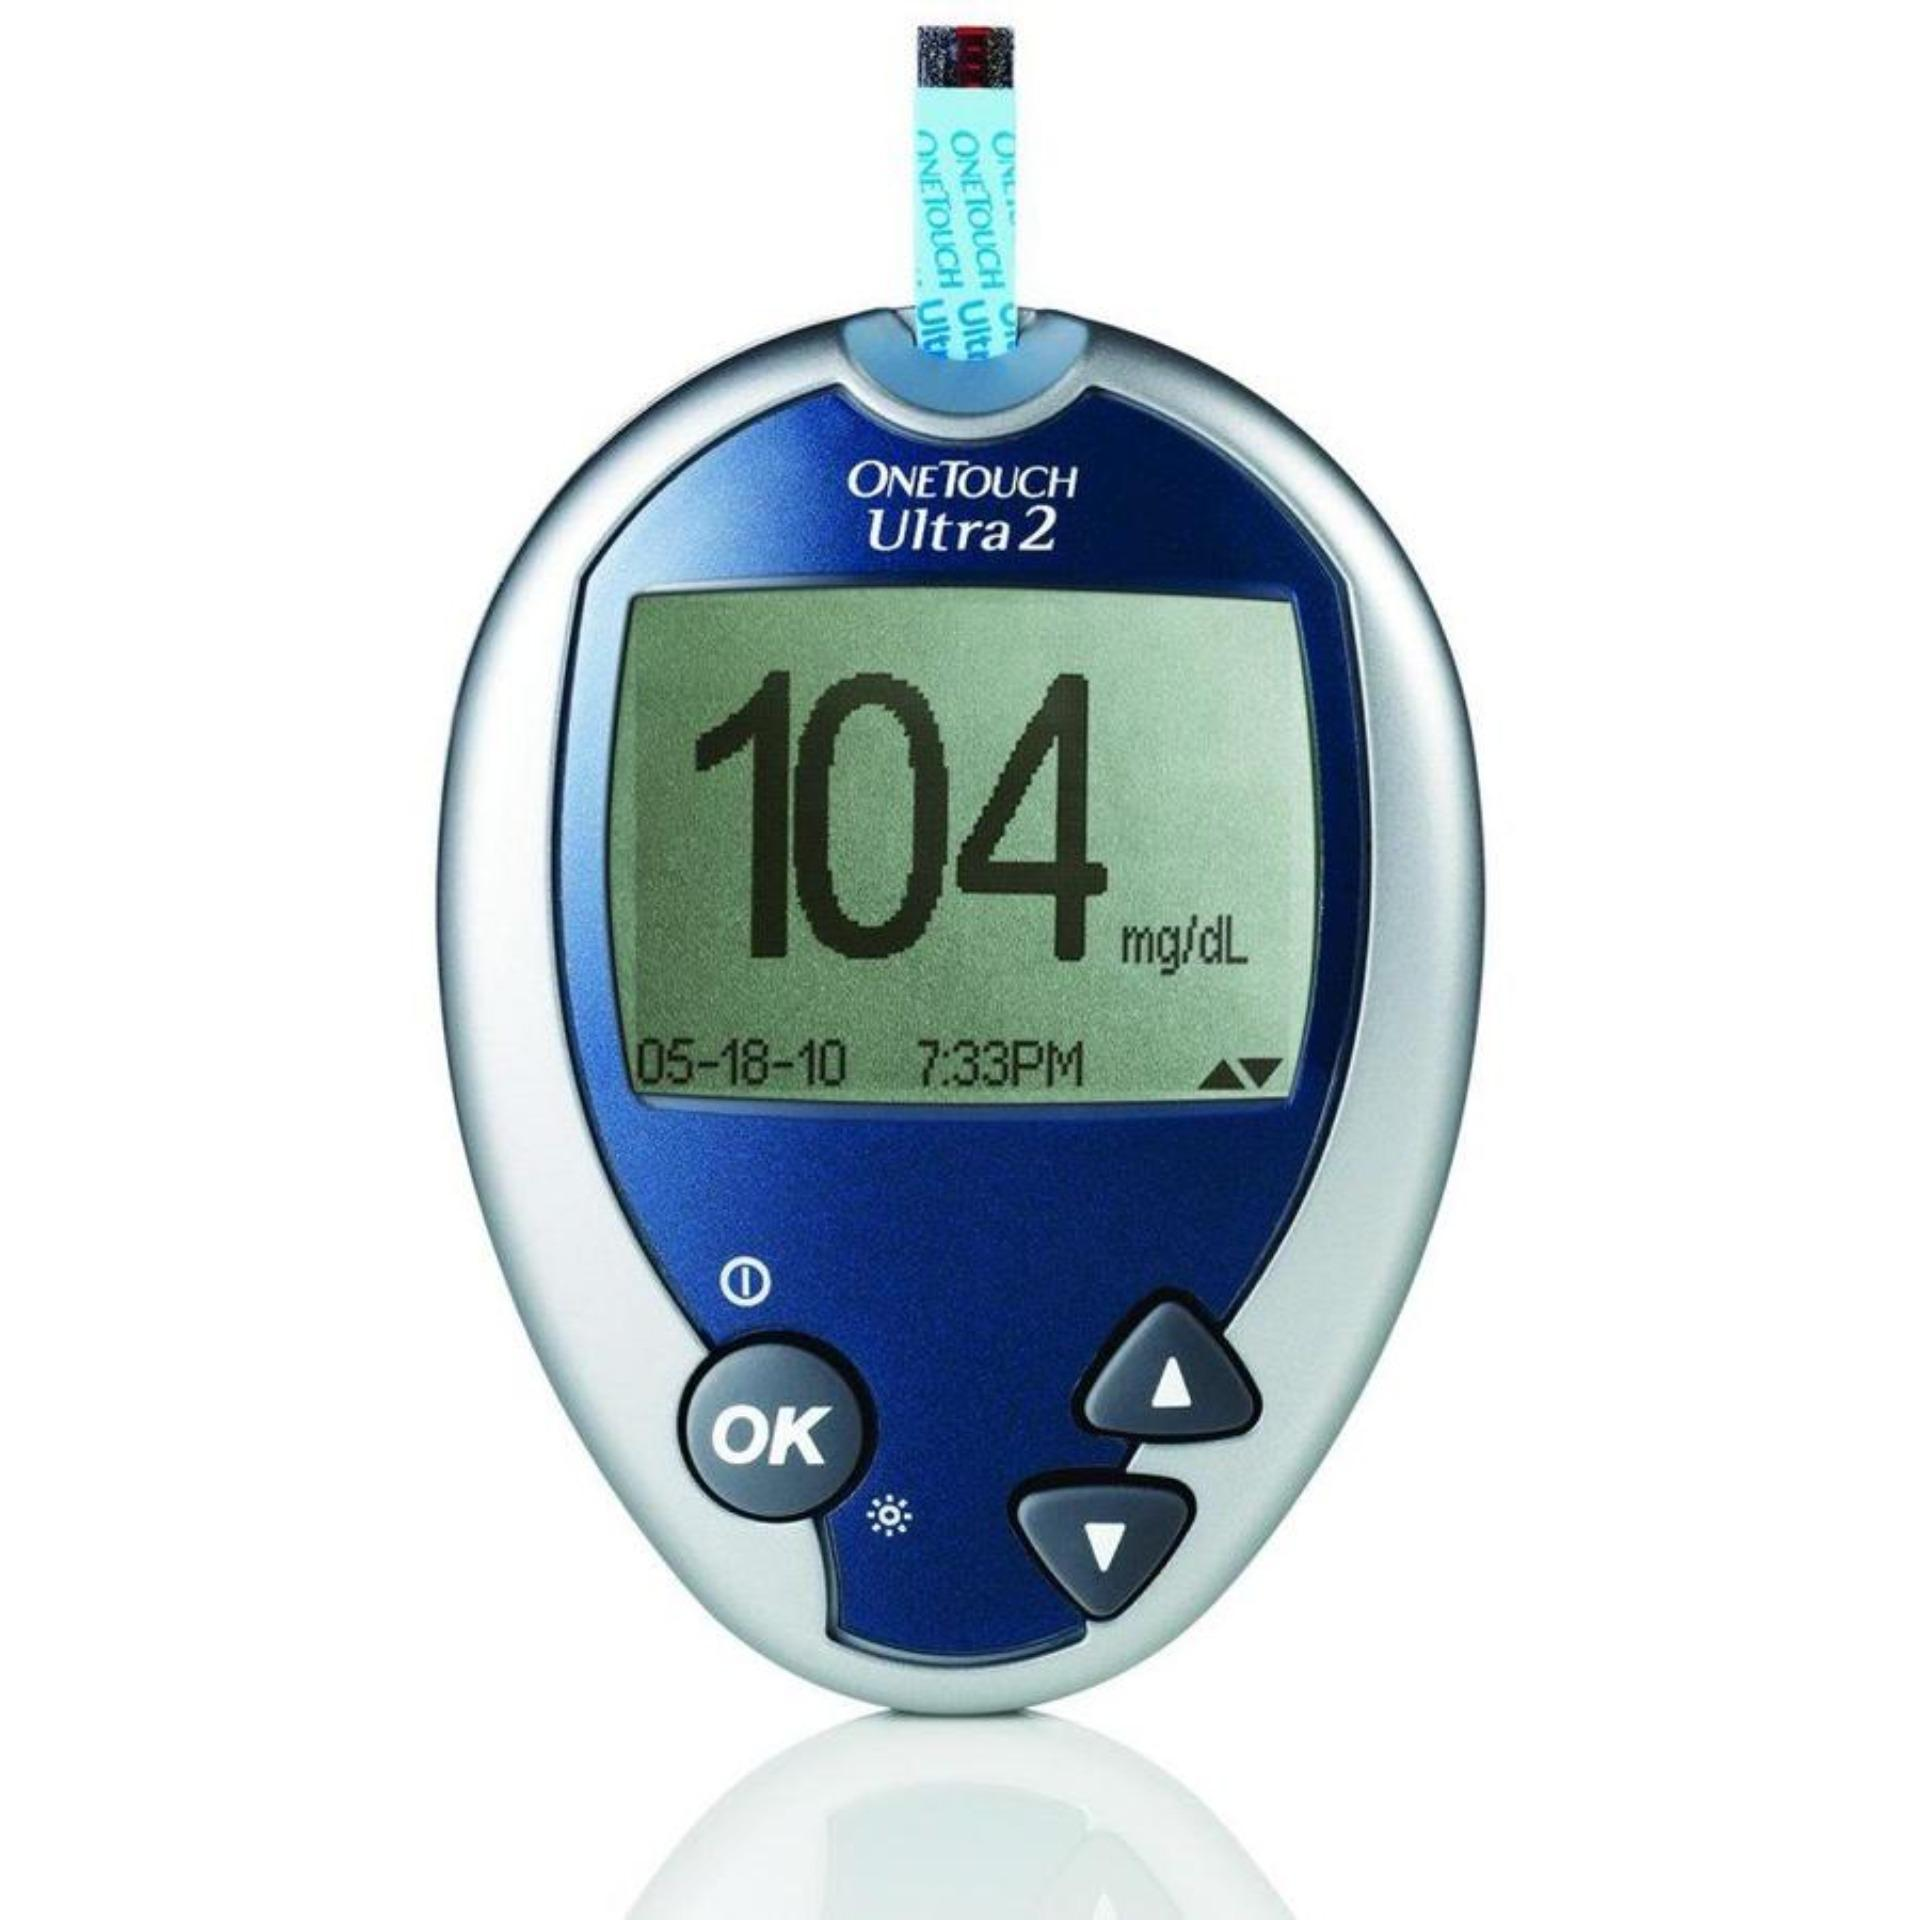 Máy đo đường huyết One Touch Ultra 2 + kèm 10 que thử đường huyết  và 25 kim chích máu - Hàng chuẩn đo chính xác bán chạy